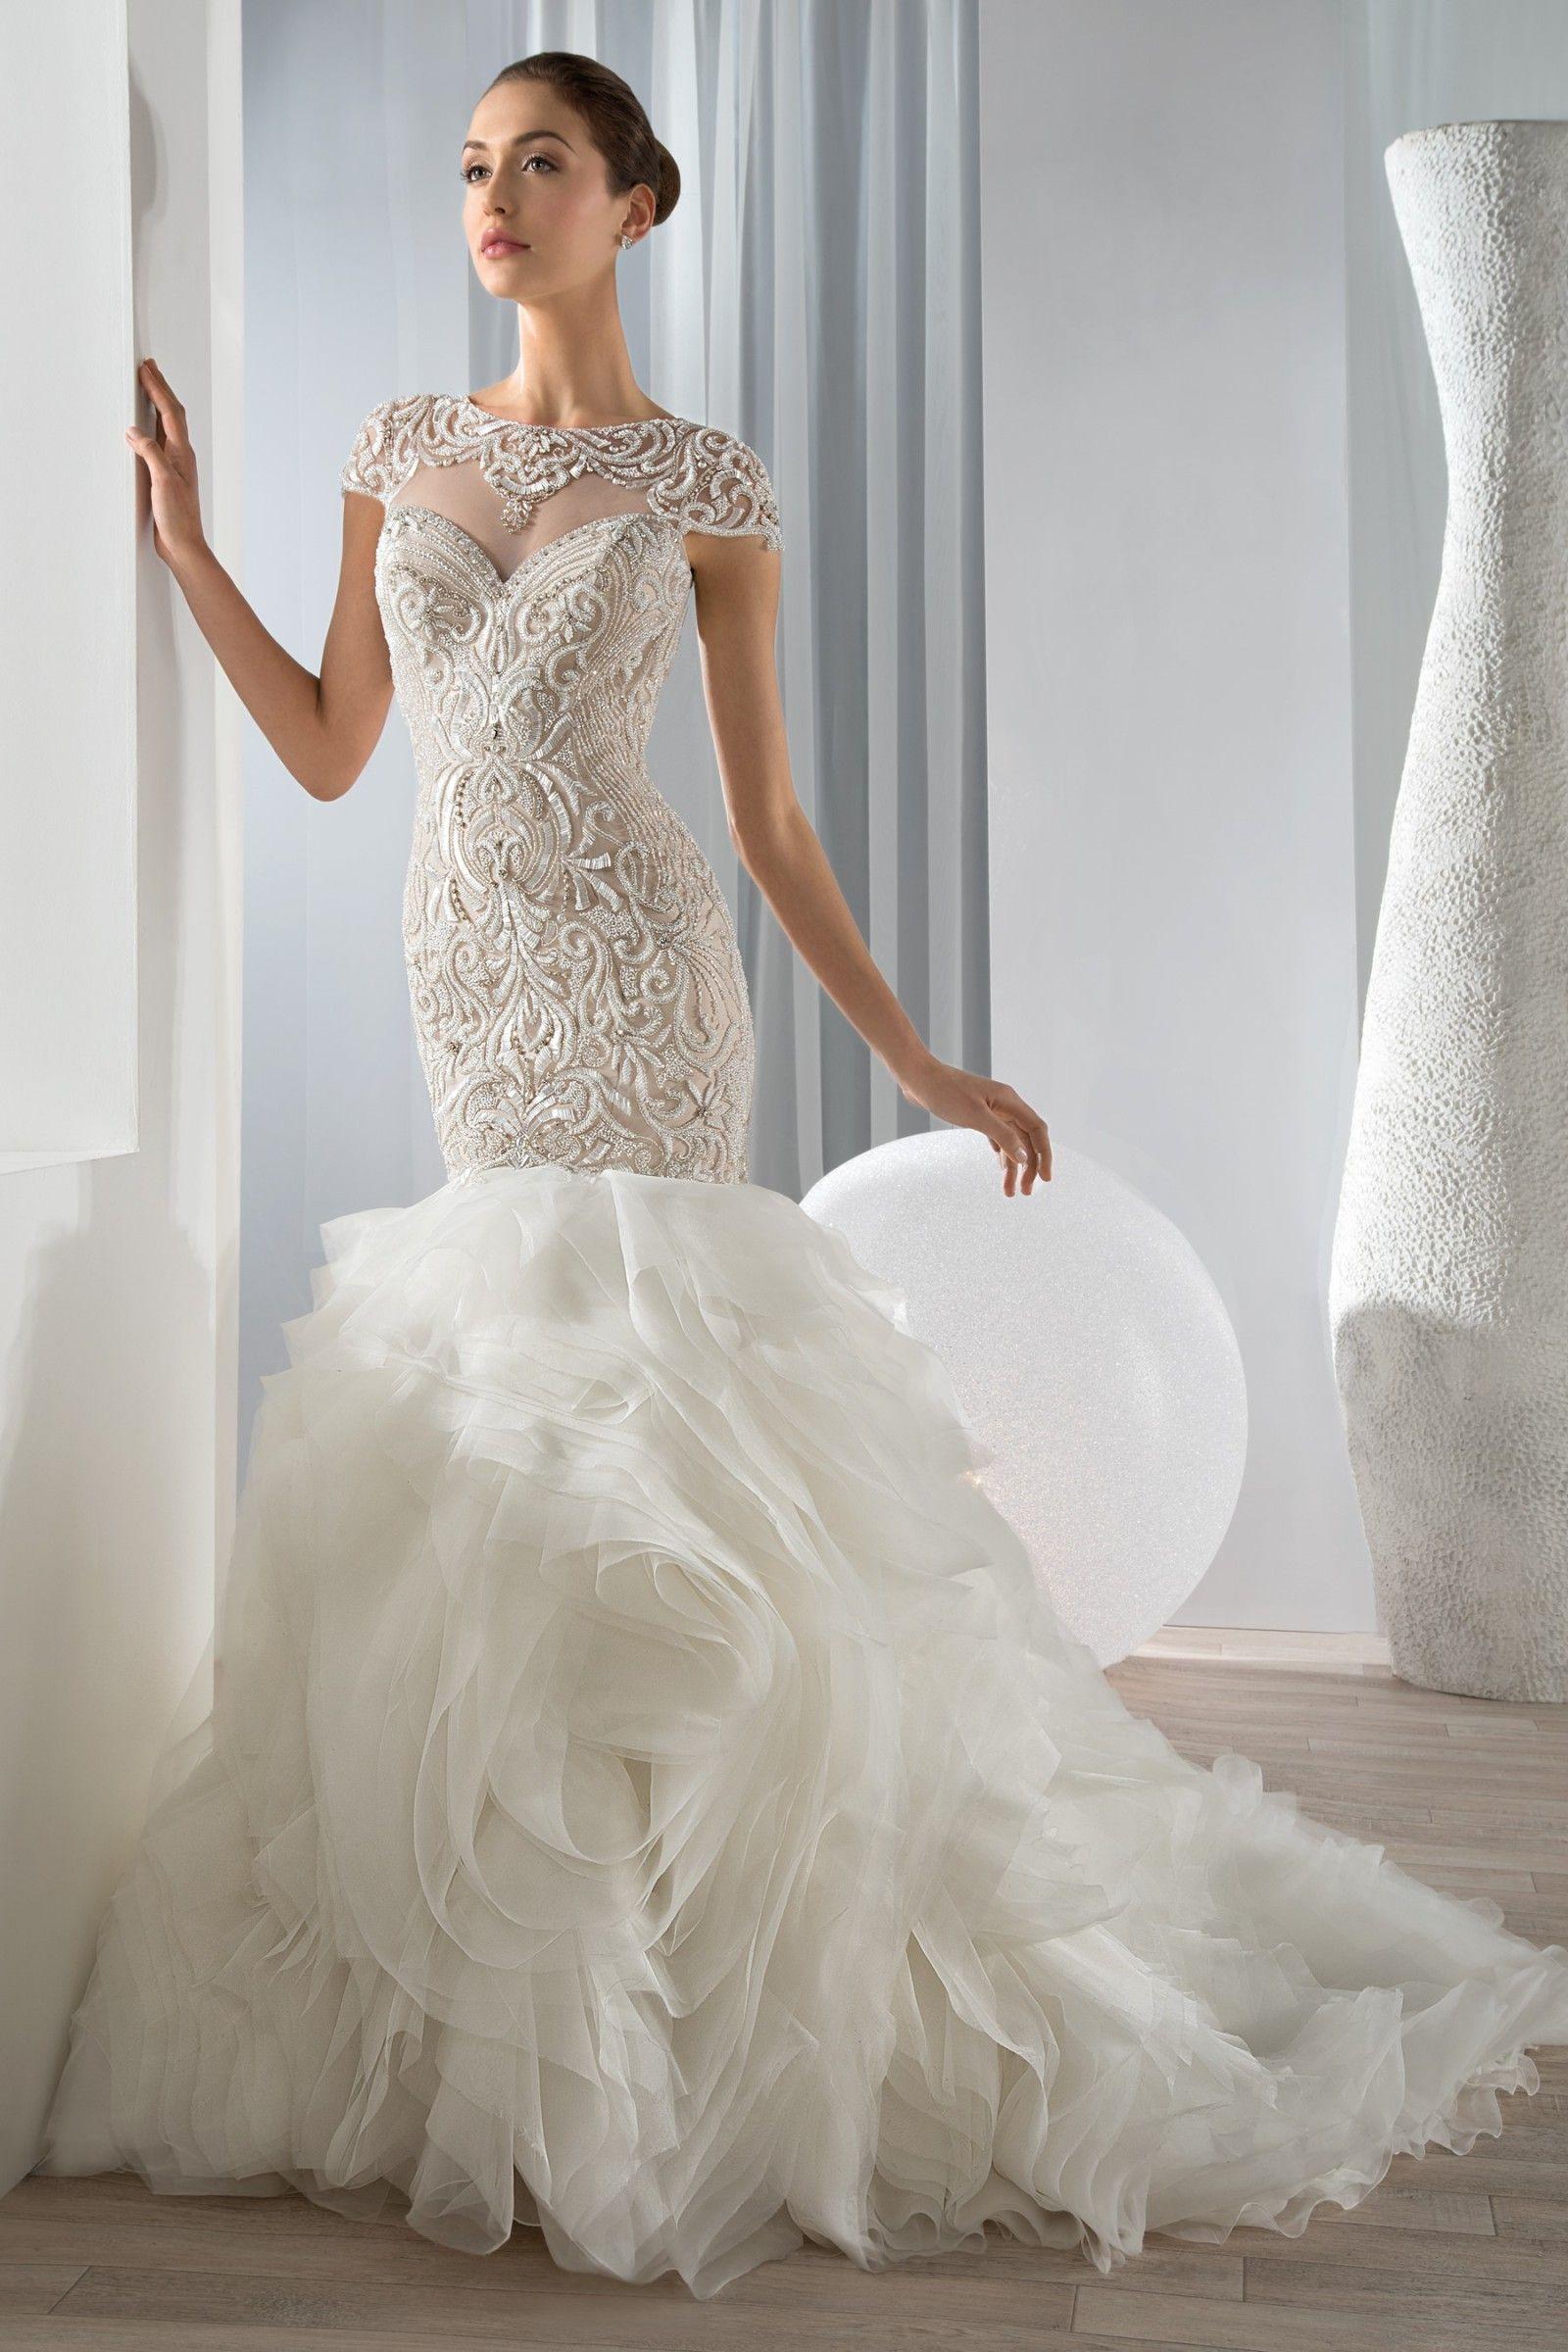 Résultat stillwhite trouvé sur google robes de mariage